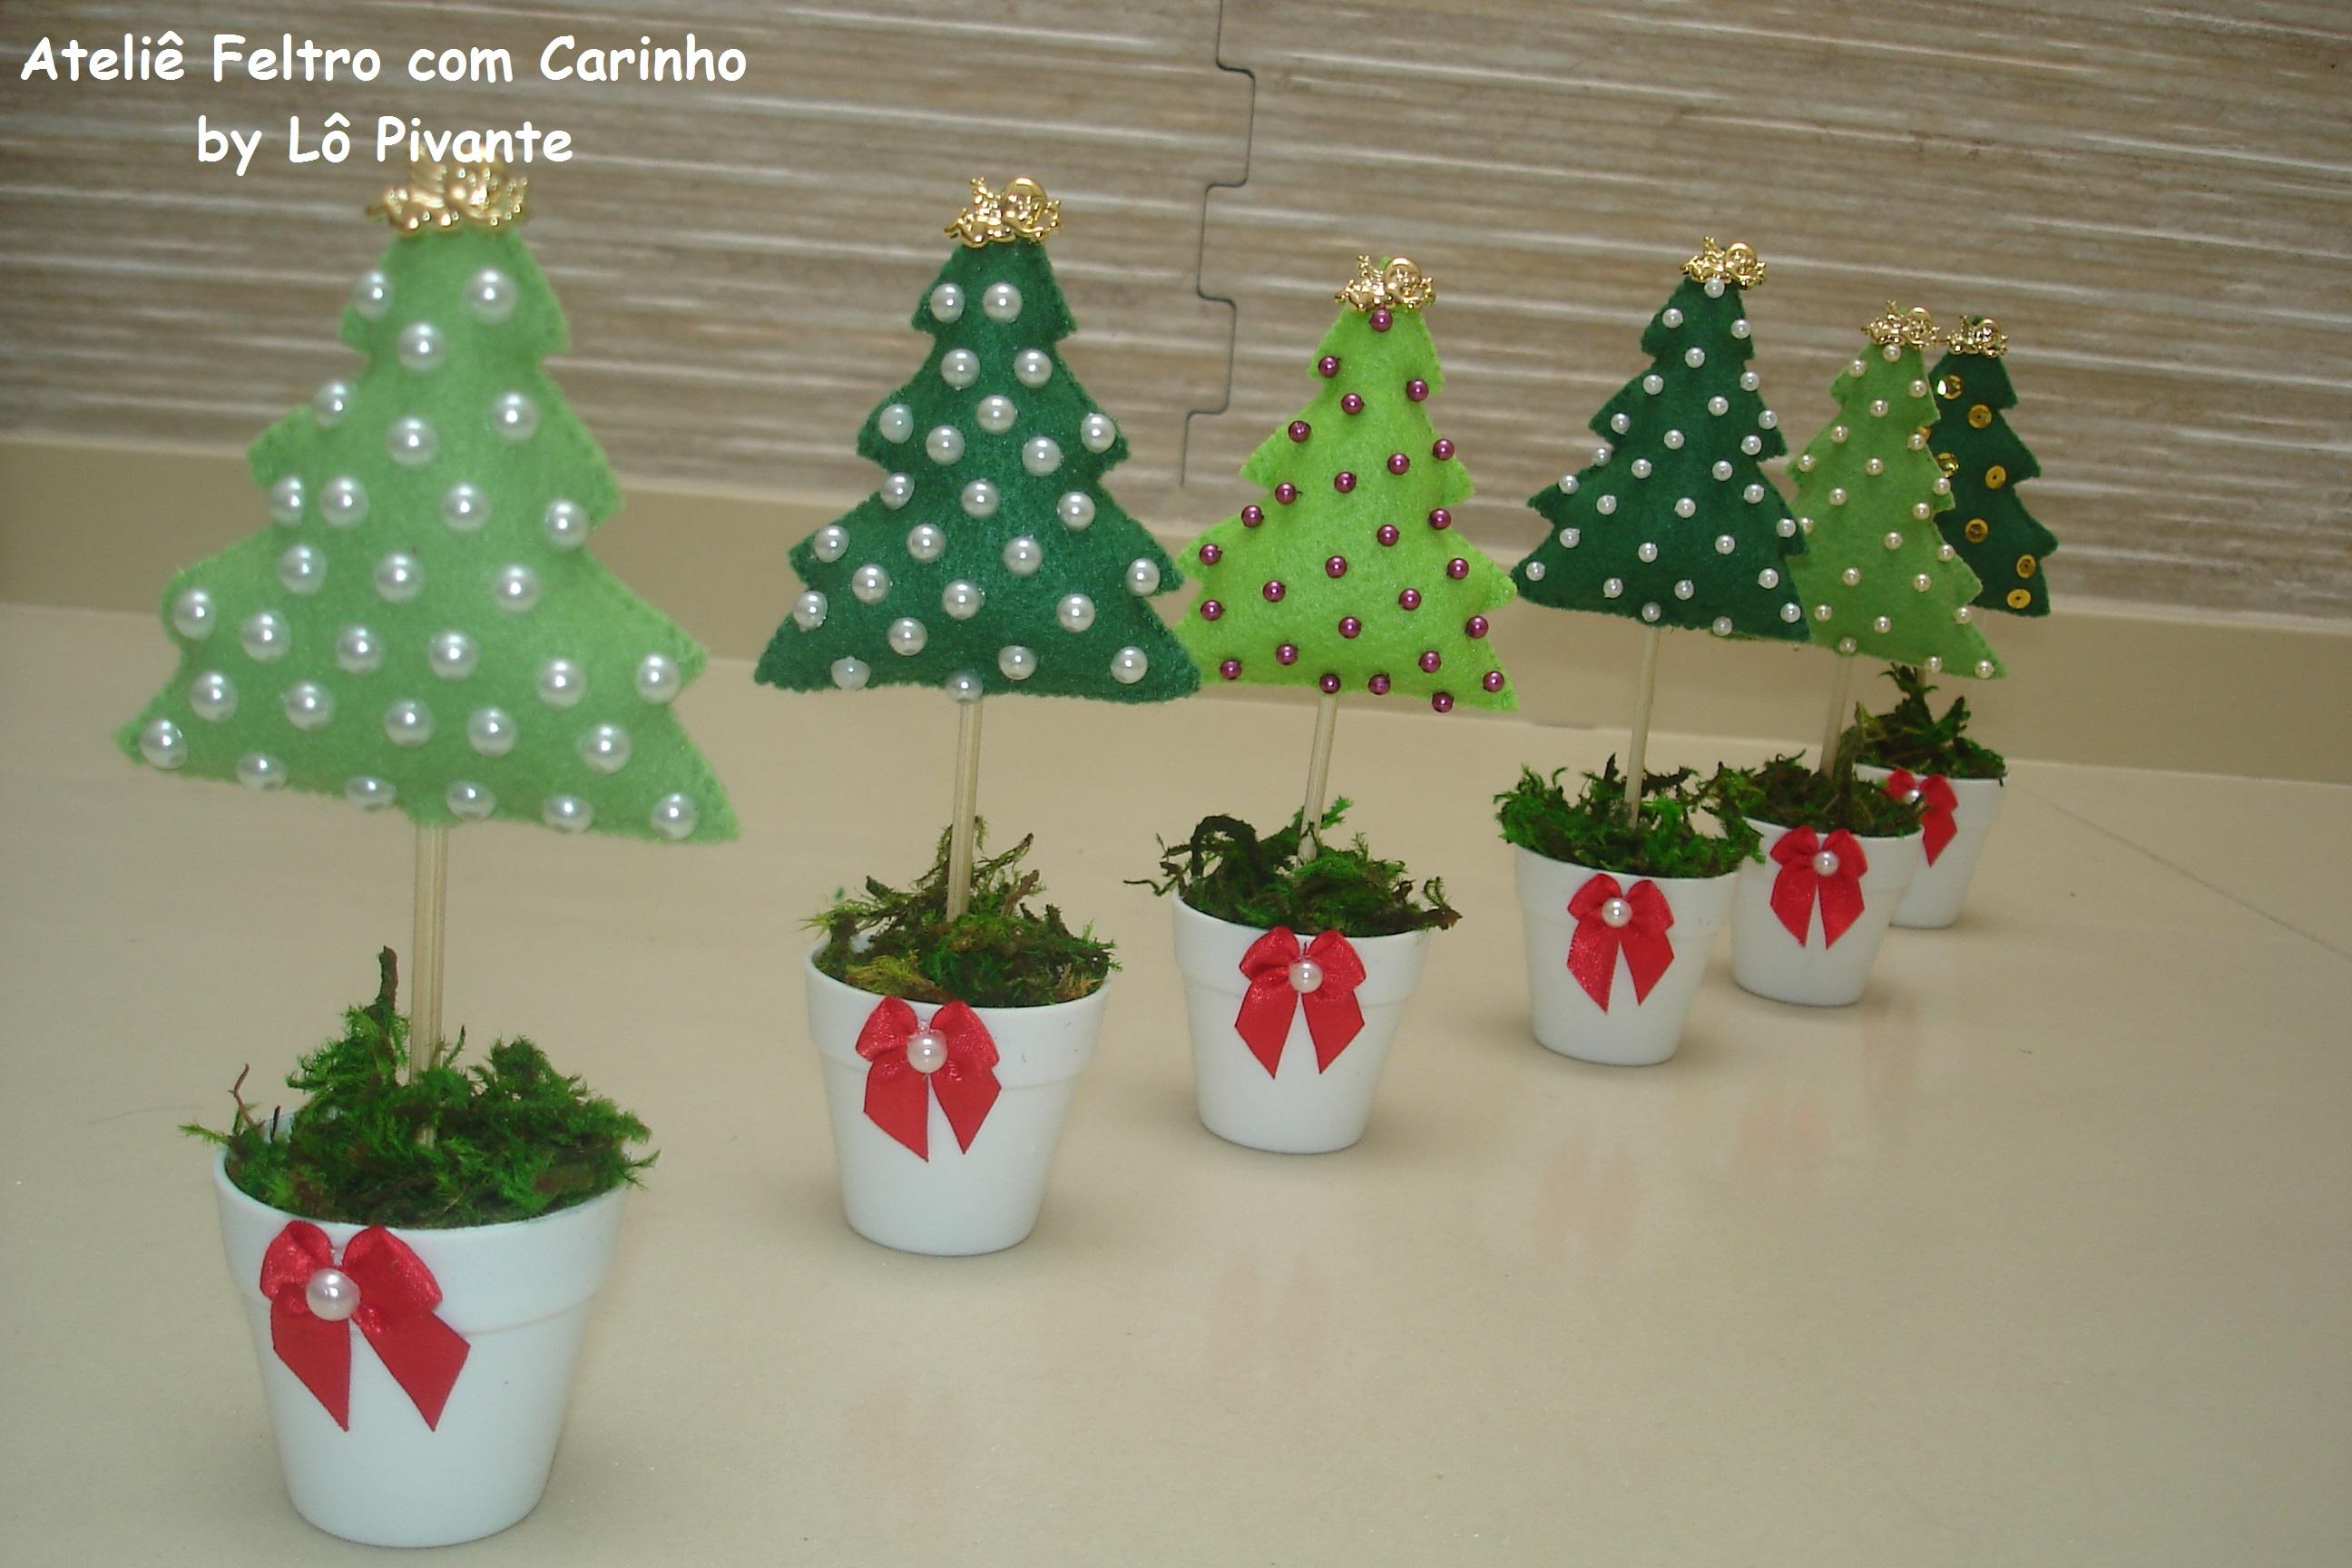 Enfeite De Natal ~ Enfeite de mesa Arvore de natal, 15 cm Ateli u00ea Feltro com Carinho L u00f4 Pivante Elo7